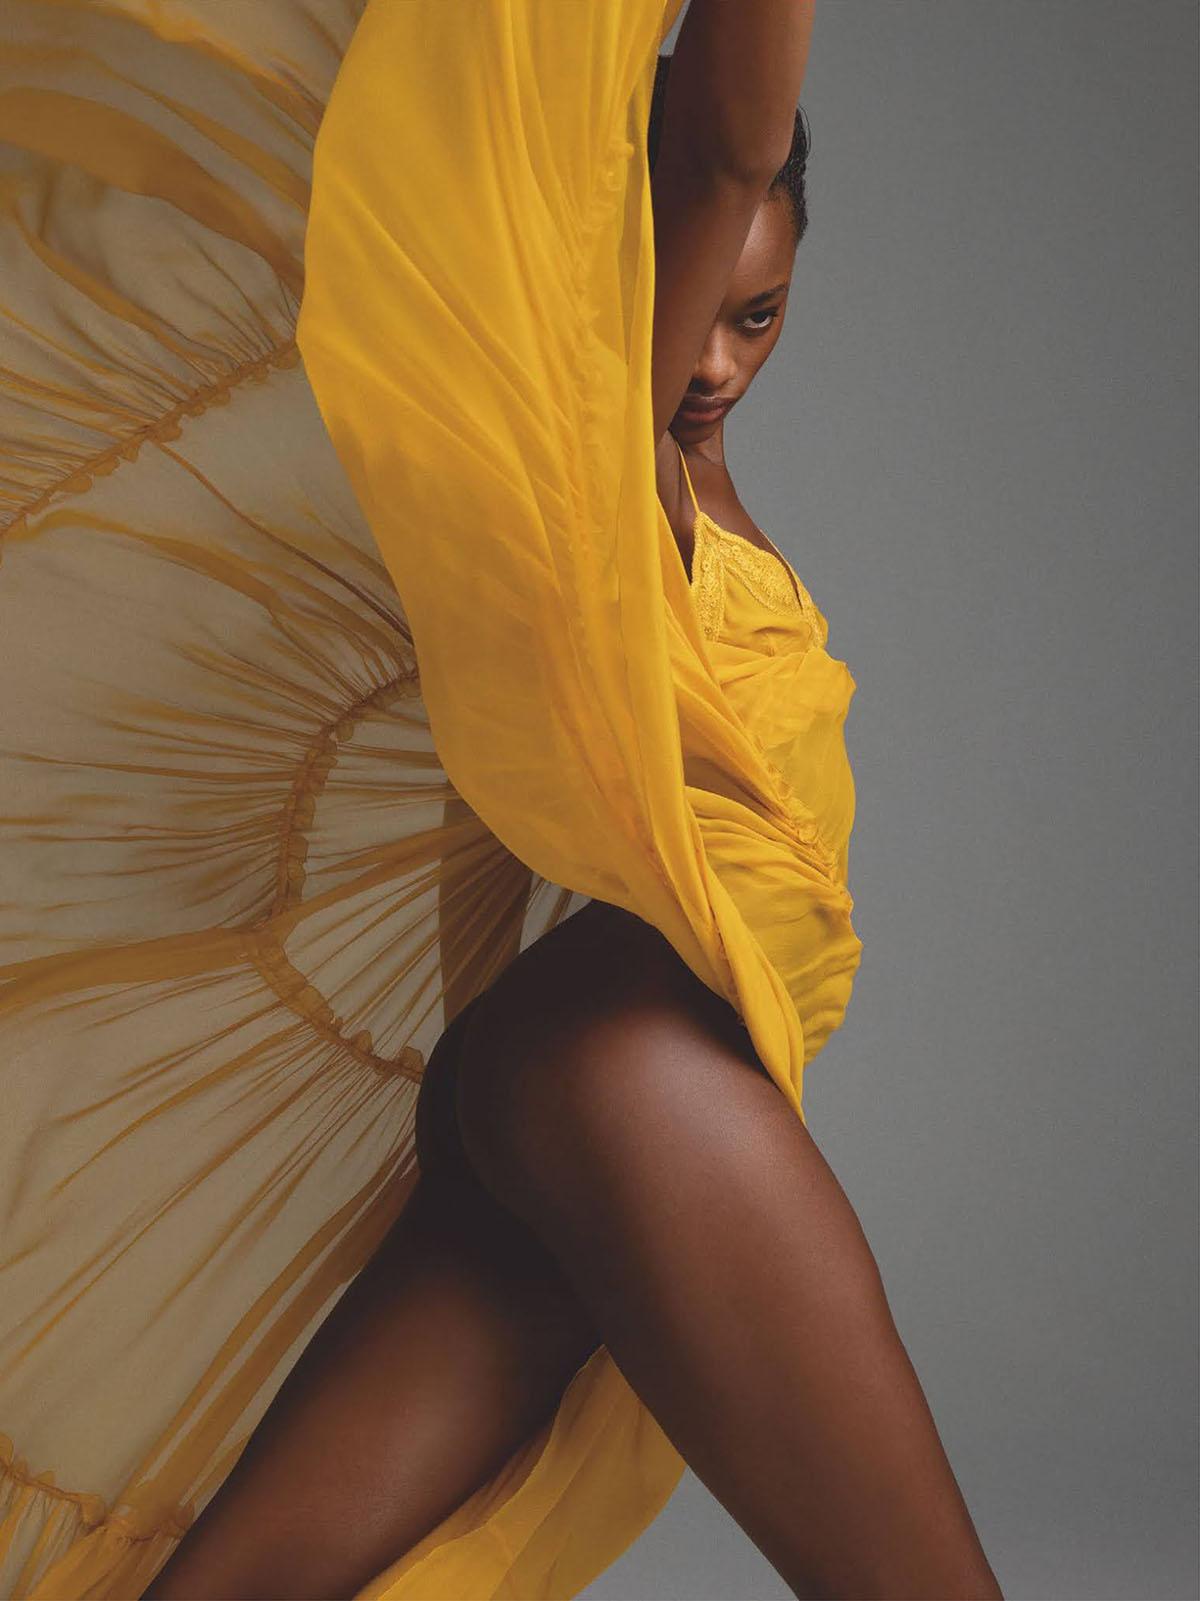 Mayowa Nicholas by Inez and Vinoodh for British Vogue July 2021